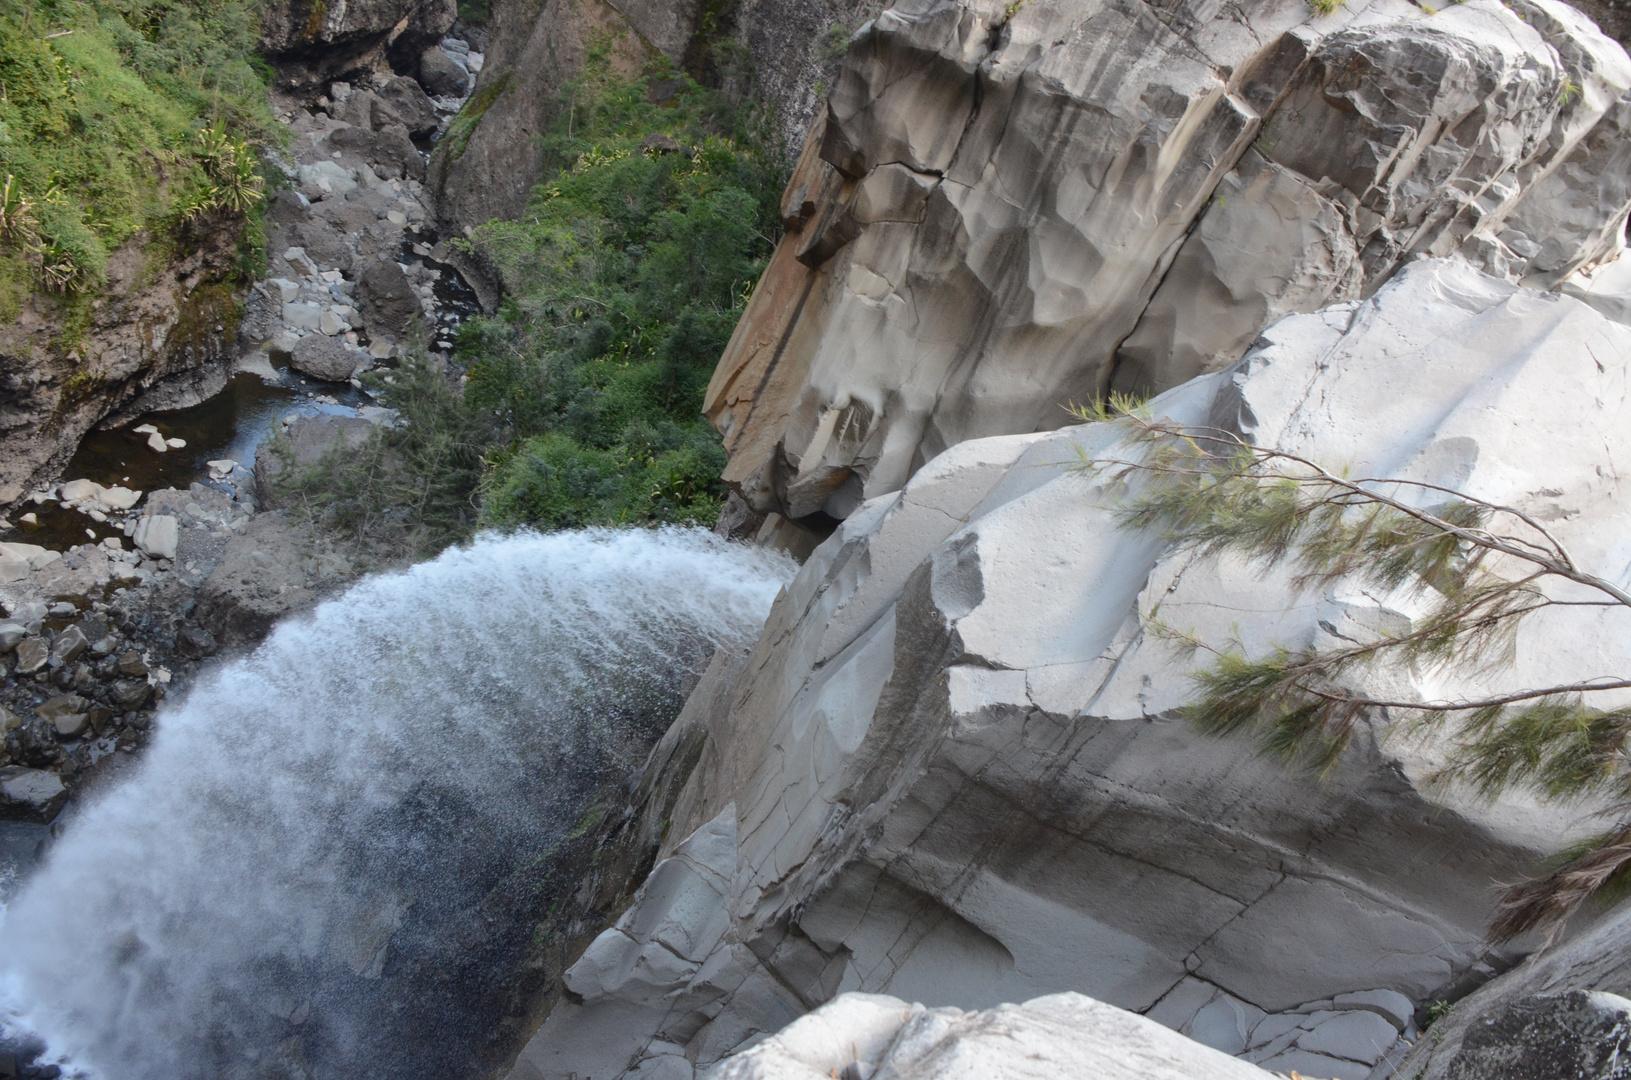 La Réunion - Wasserfall des Bras Rouge bei Cilaos